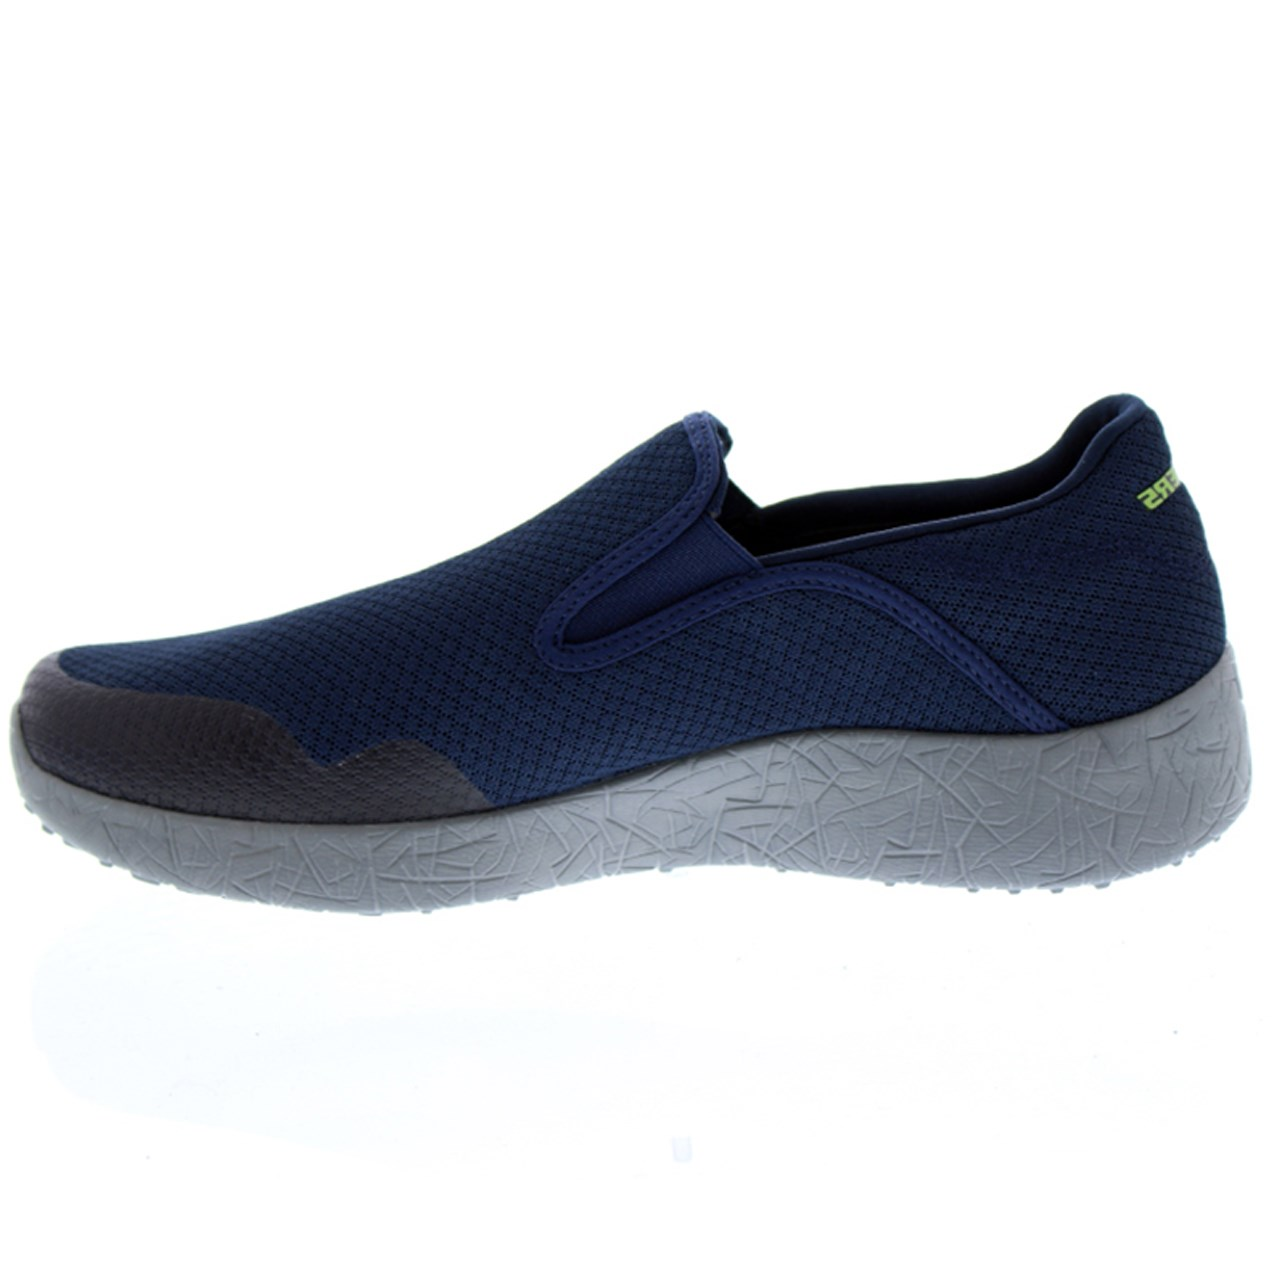 کفش راحتی مردانه اسکچرز مدل Burst Sport Slip